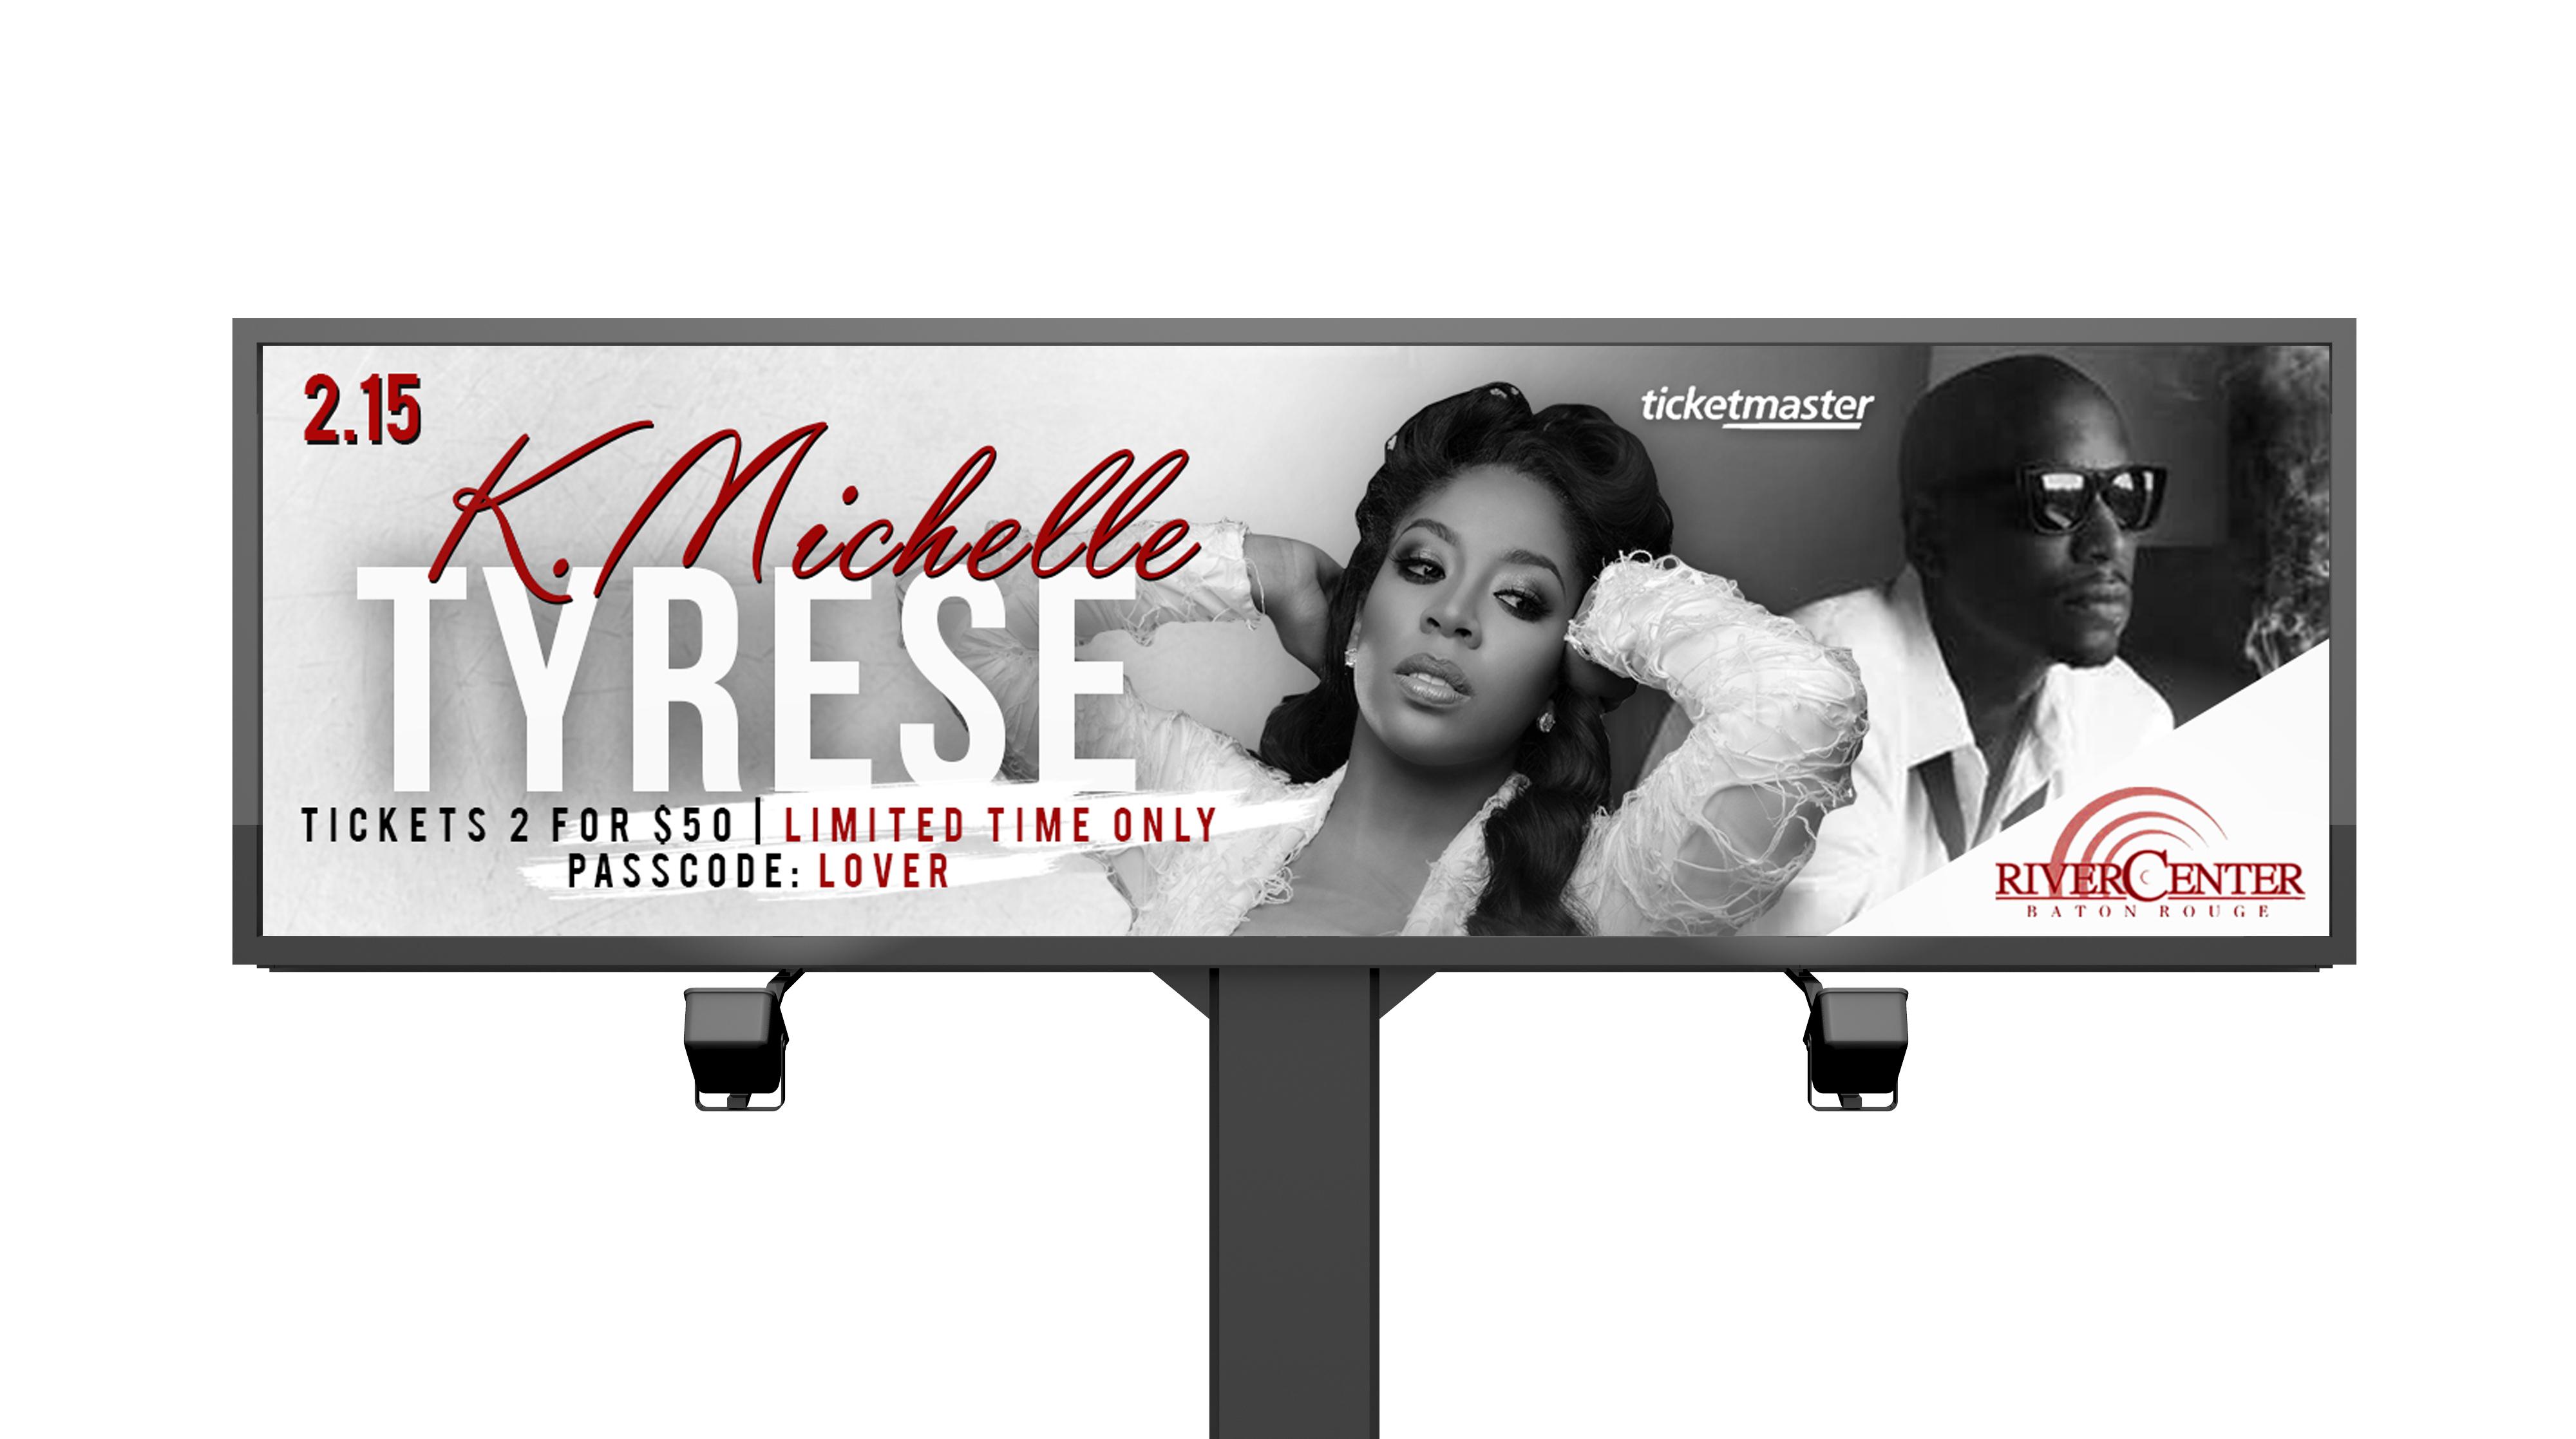 Tyrese + K. Michelle